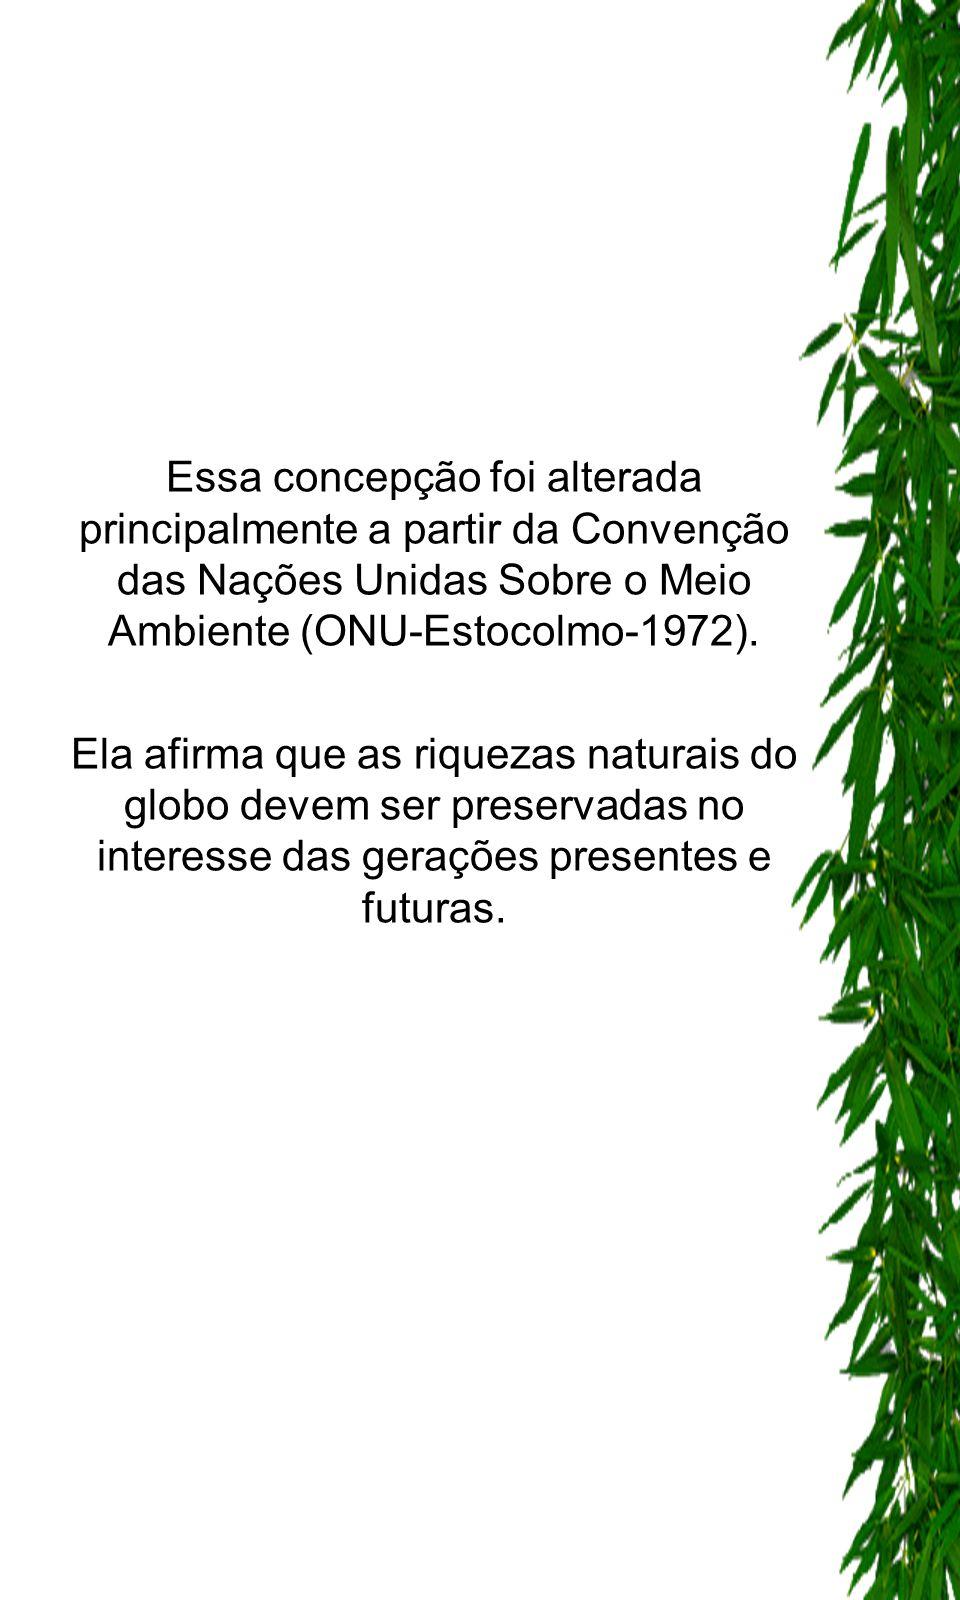 Essa concepção foi alterada principalmente a partir da Convenção das Nações Unidas Sobre o Meio Ambiente (ONU-Estocolmo-1972).